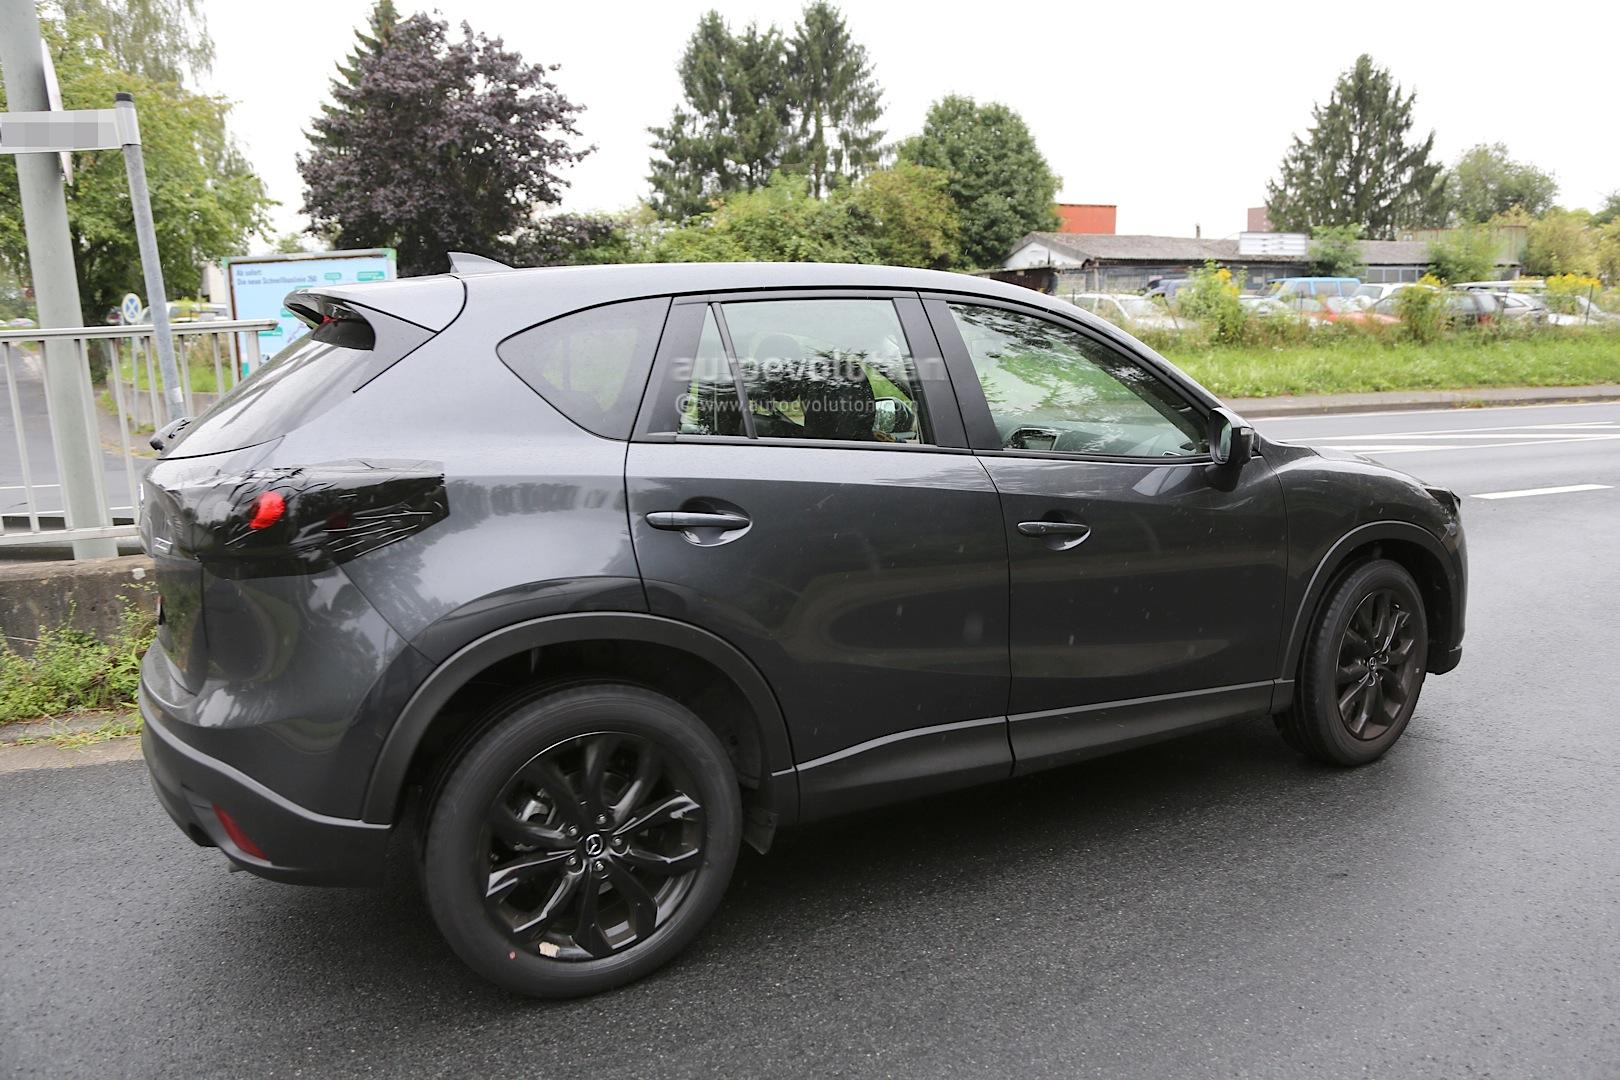 Spyshots 2016 Mazda Cx 5 Facelift Autoevolution